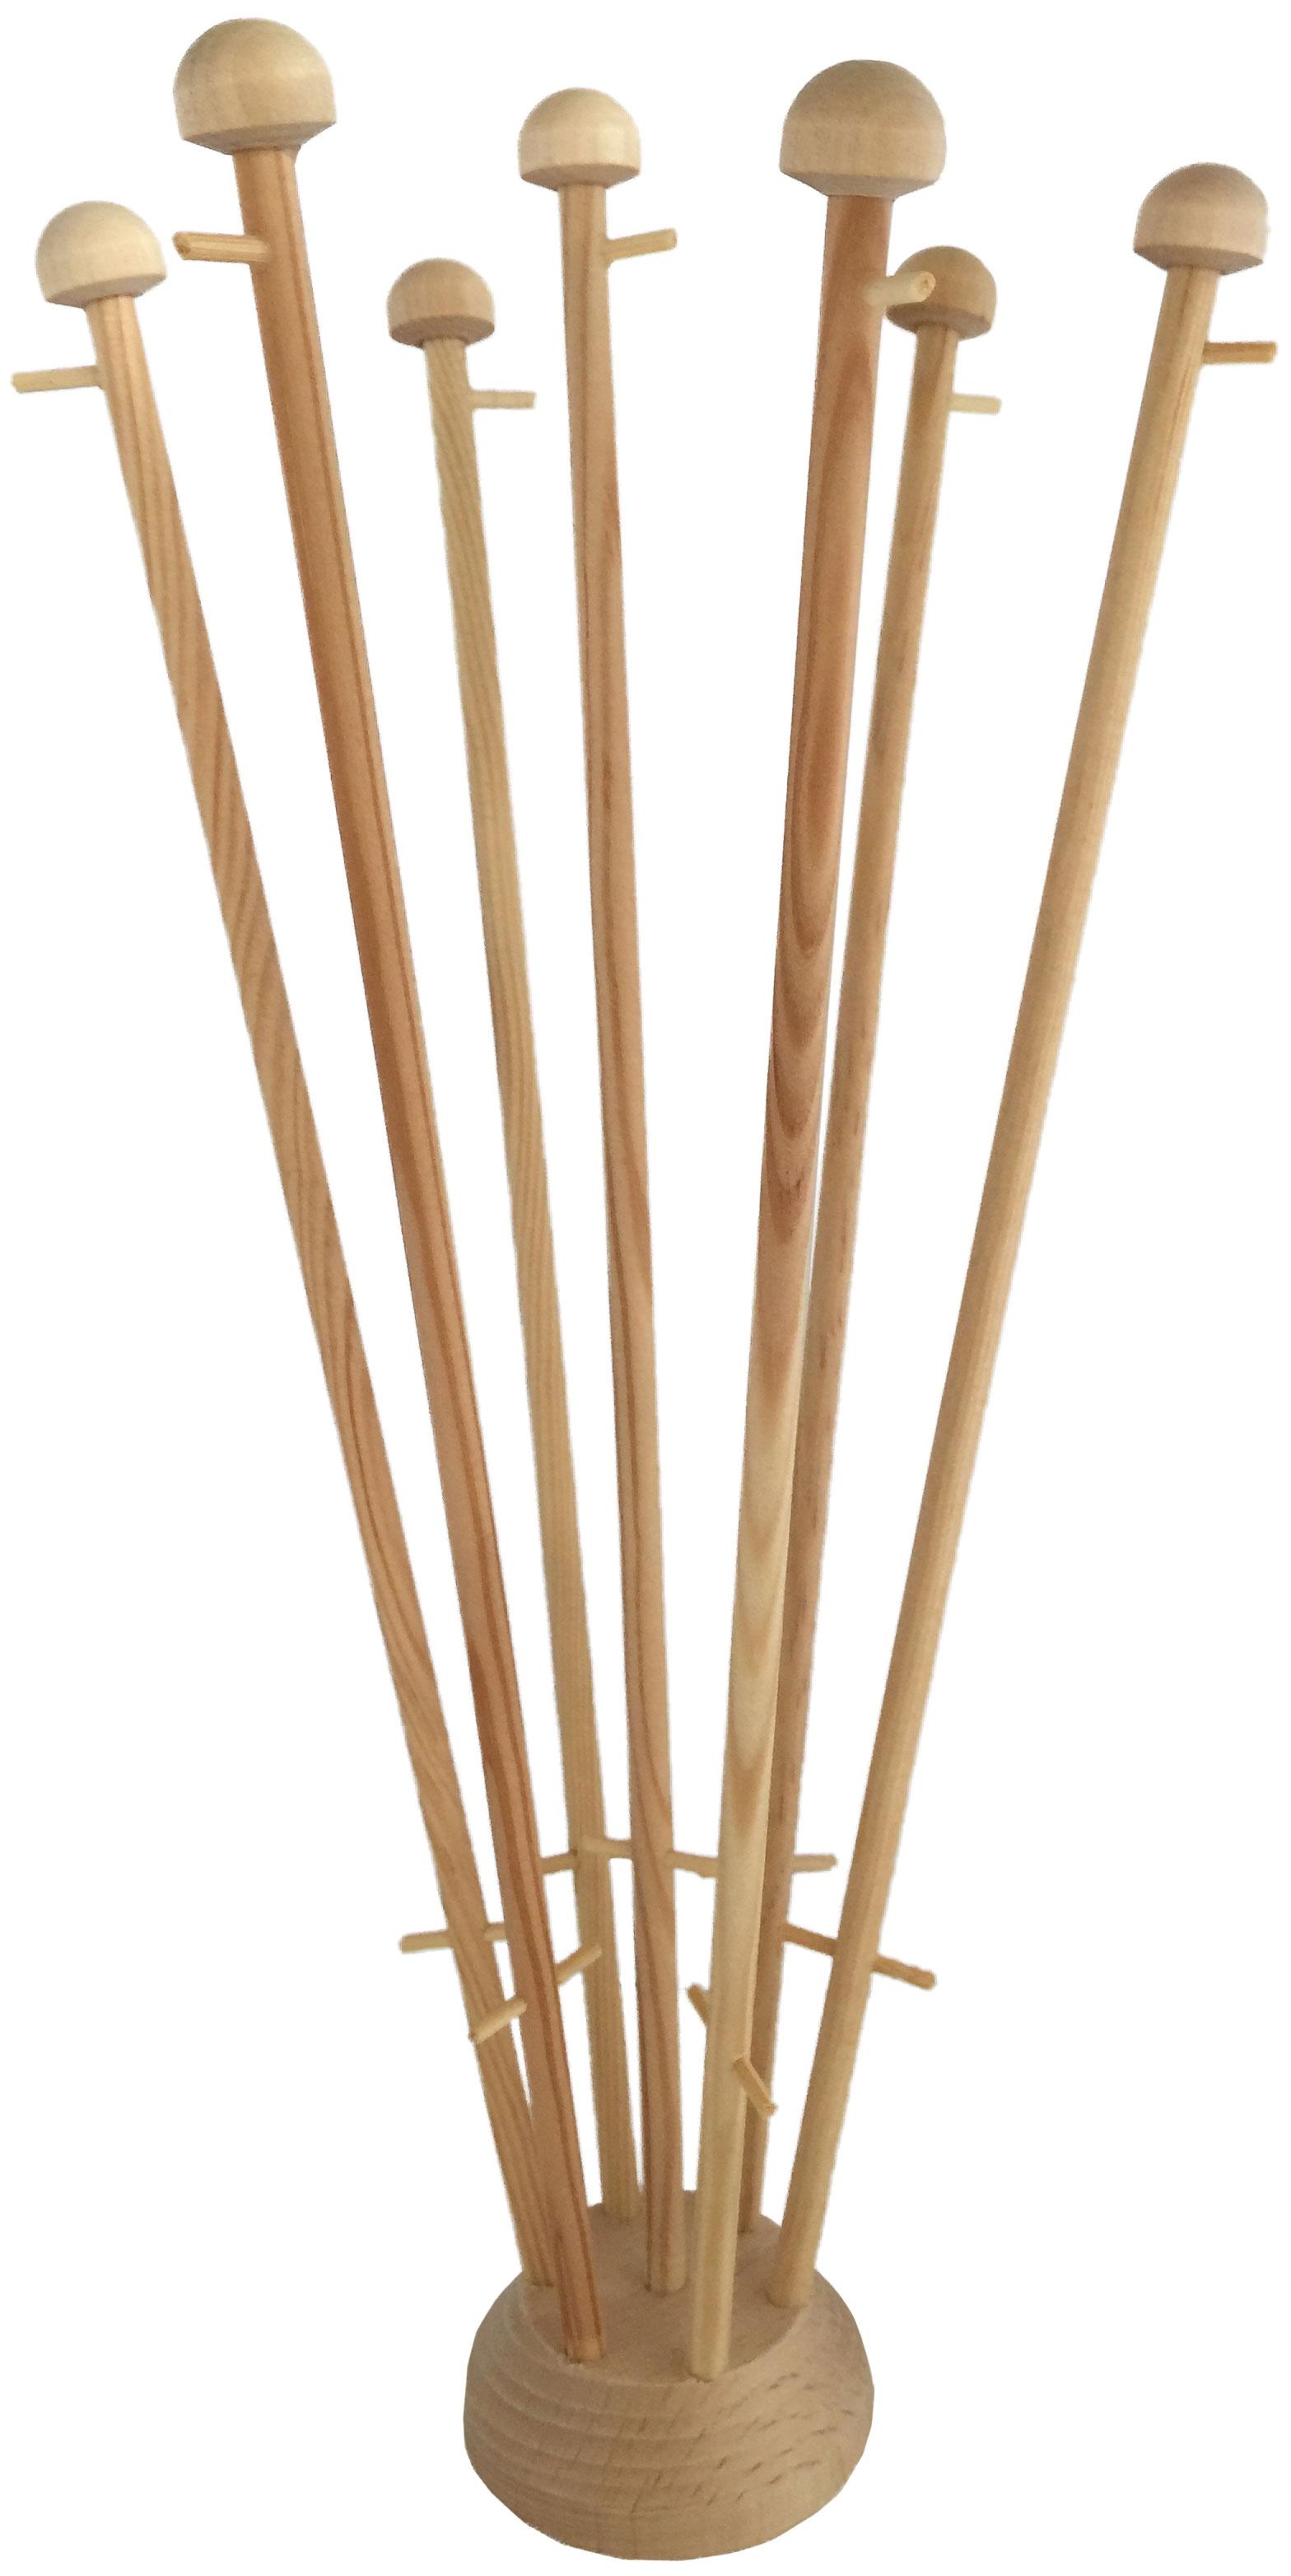 Houten tafelstandaard voor zeven tafelvlaggen met gat in midden met mastjes van voor